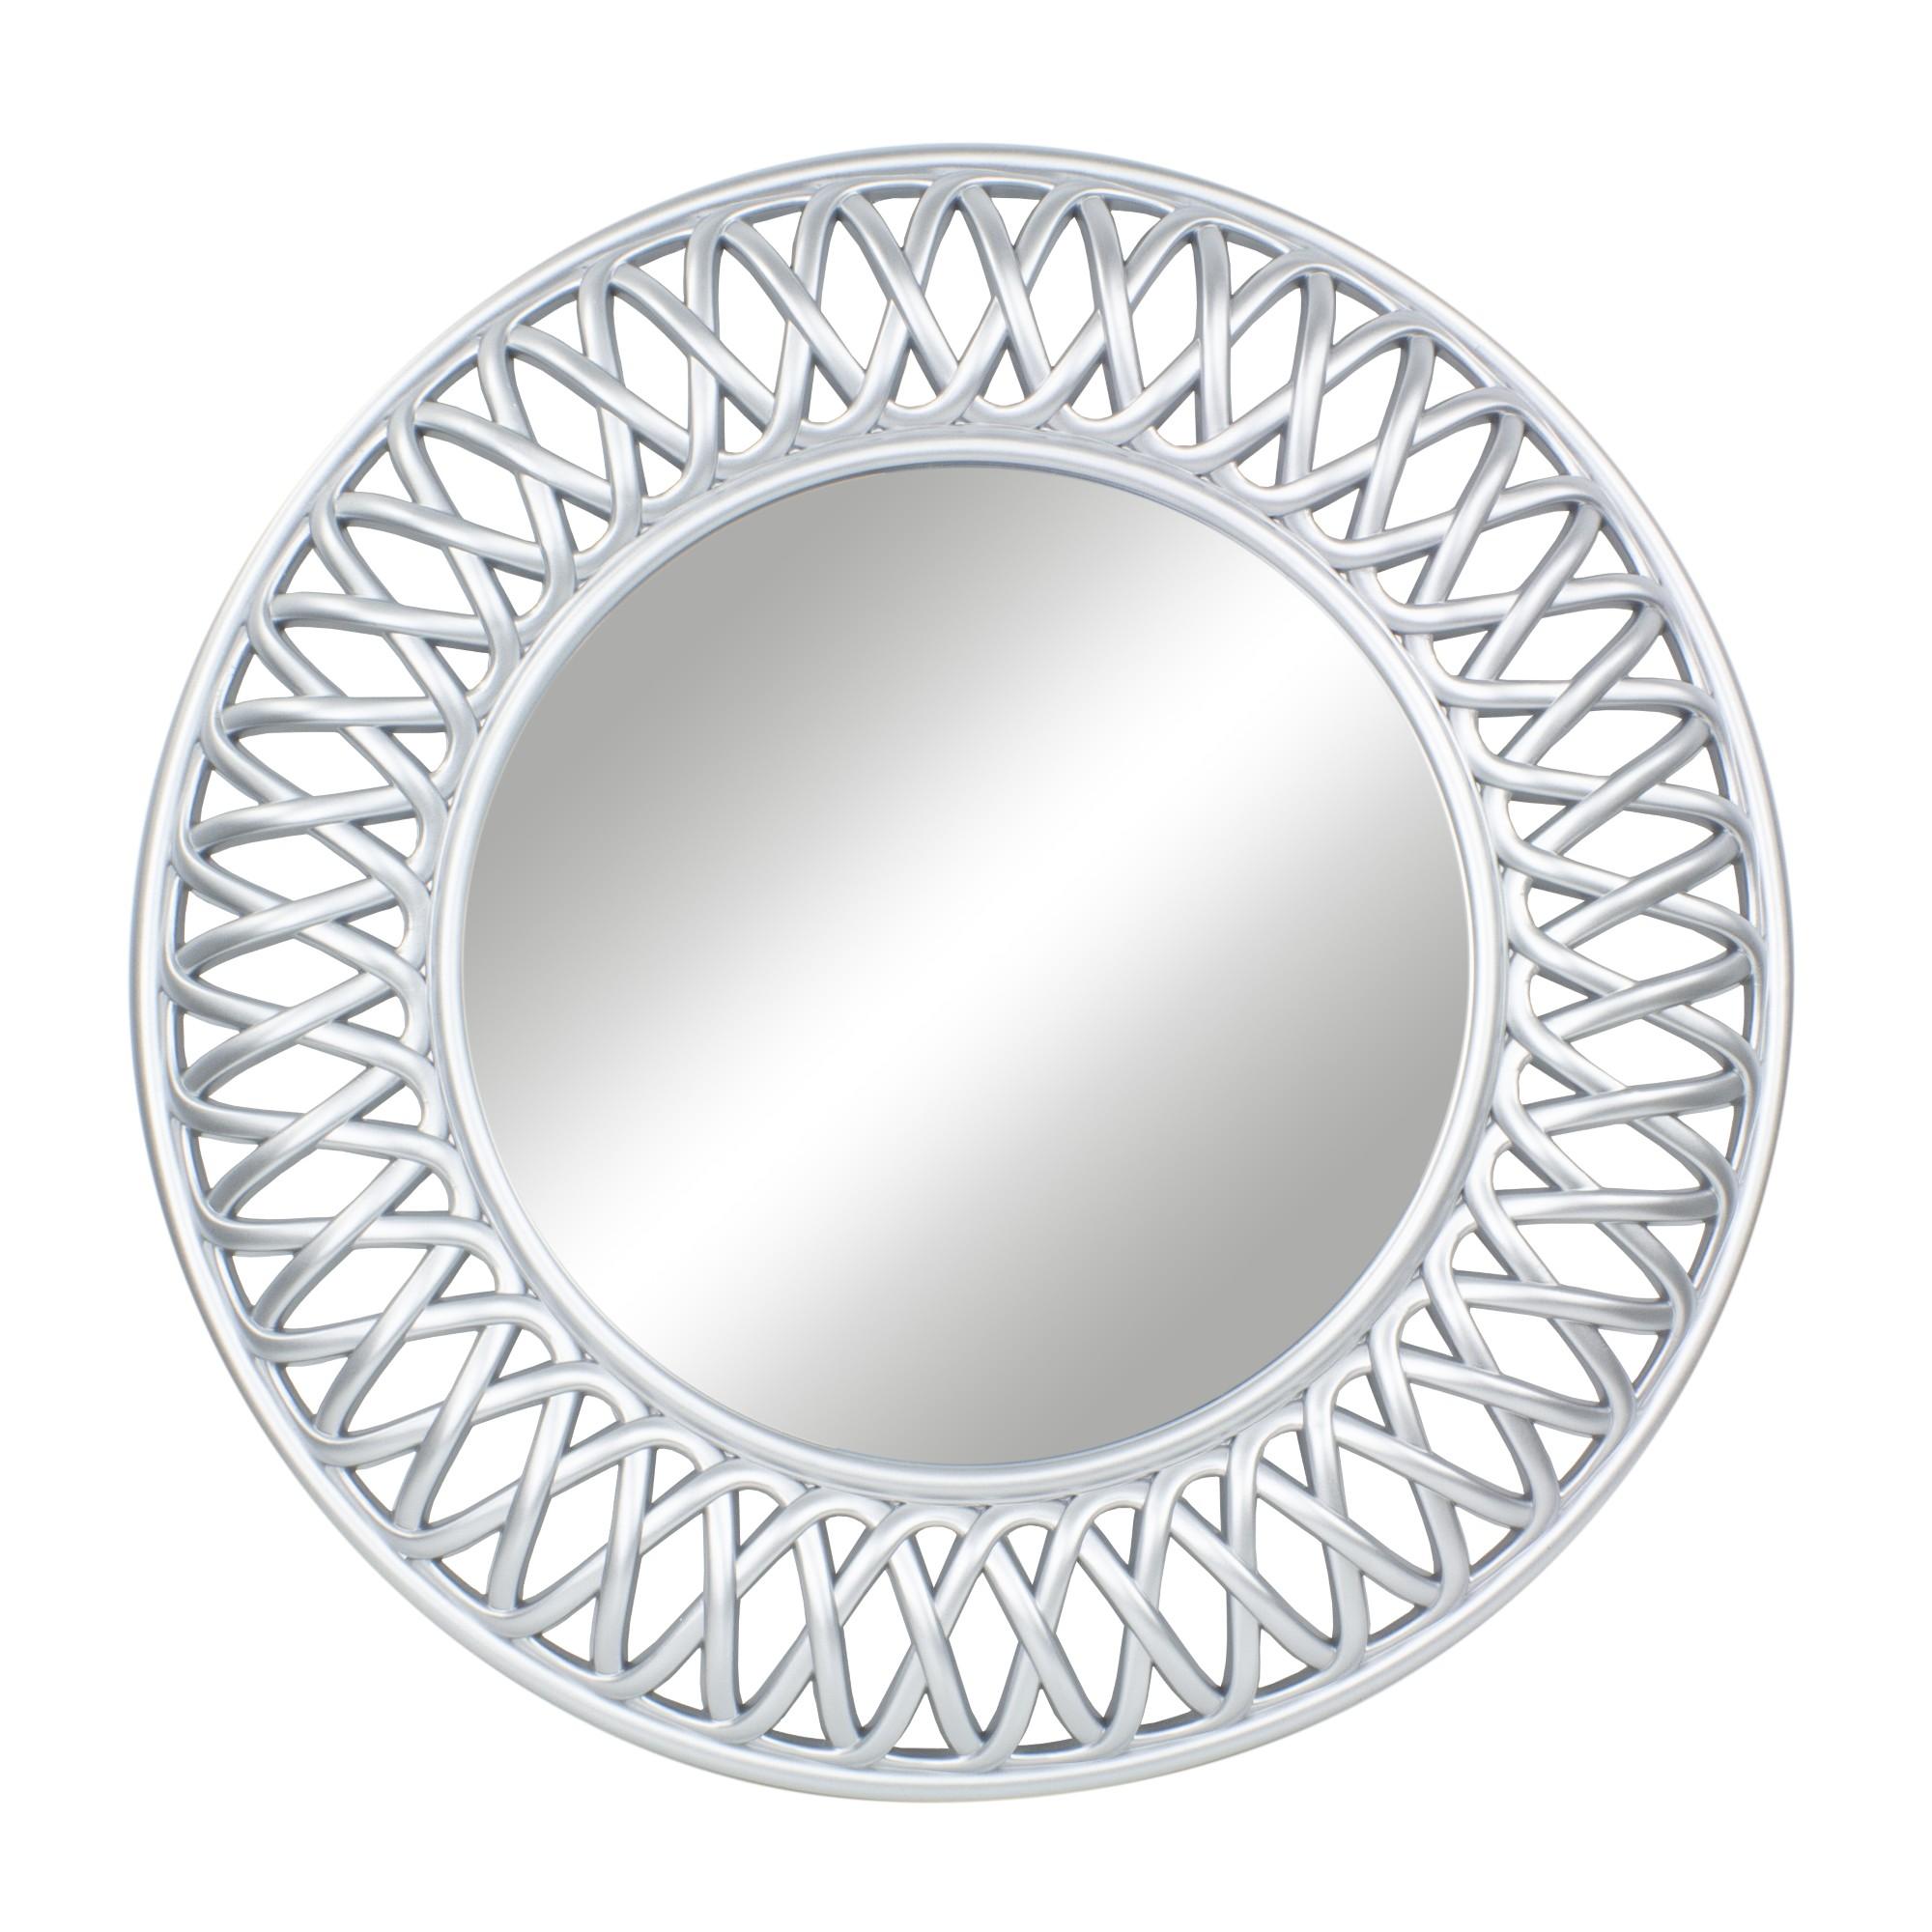 Espelho Decorativo Redondo 495 x 495 cm Prata - Jolie